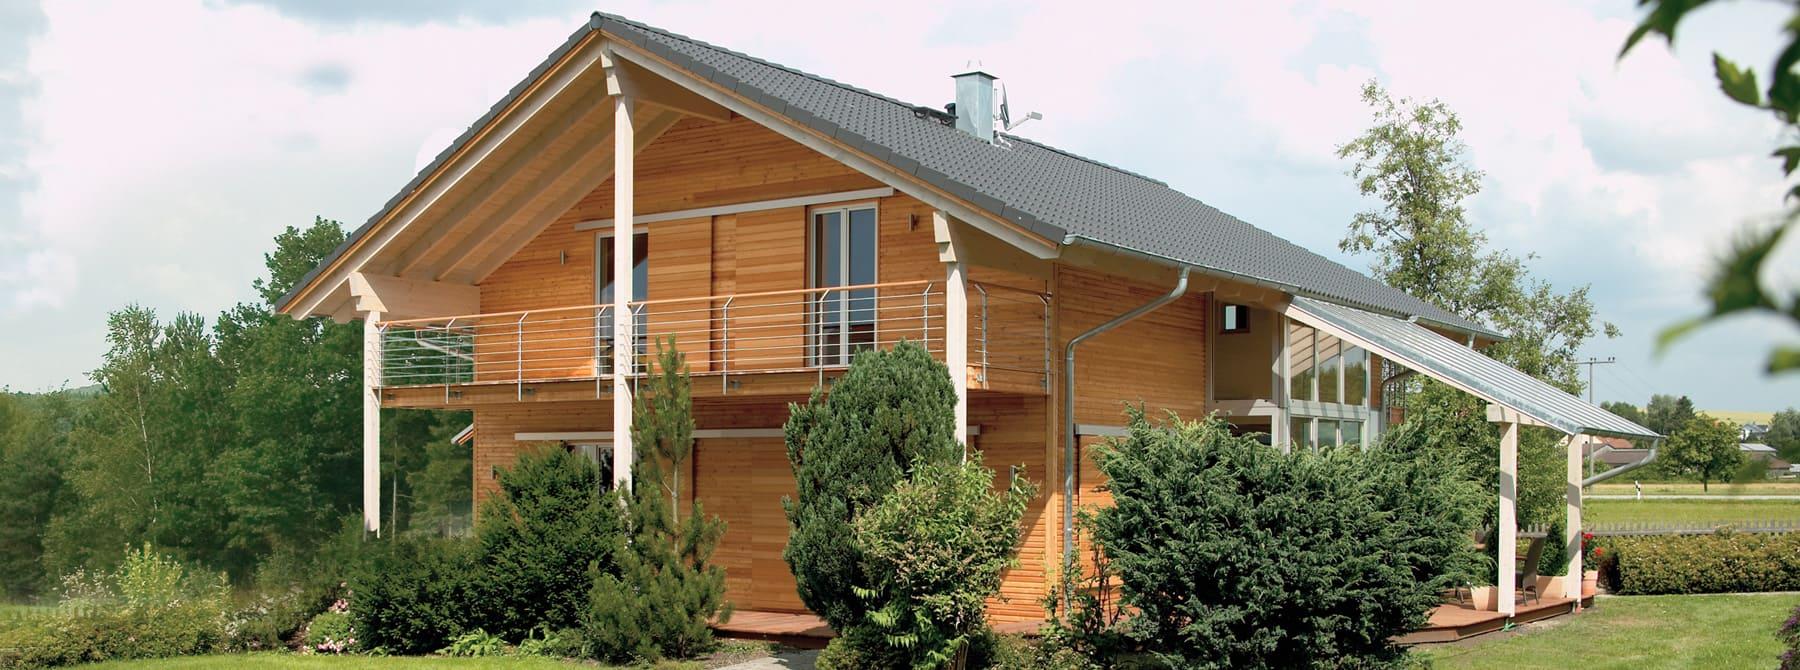 ^ eferenzhaus osenheim - Bauen Sie Ihr Holzhaus, Passivhaus ...